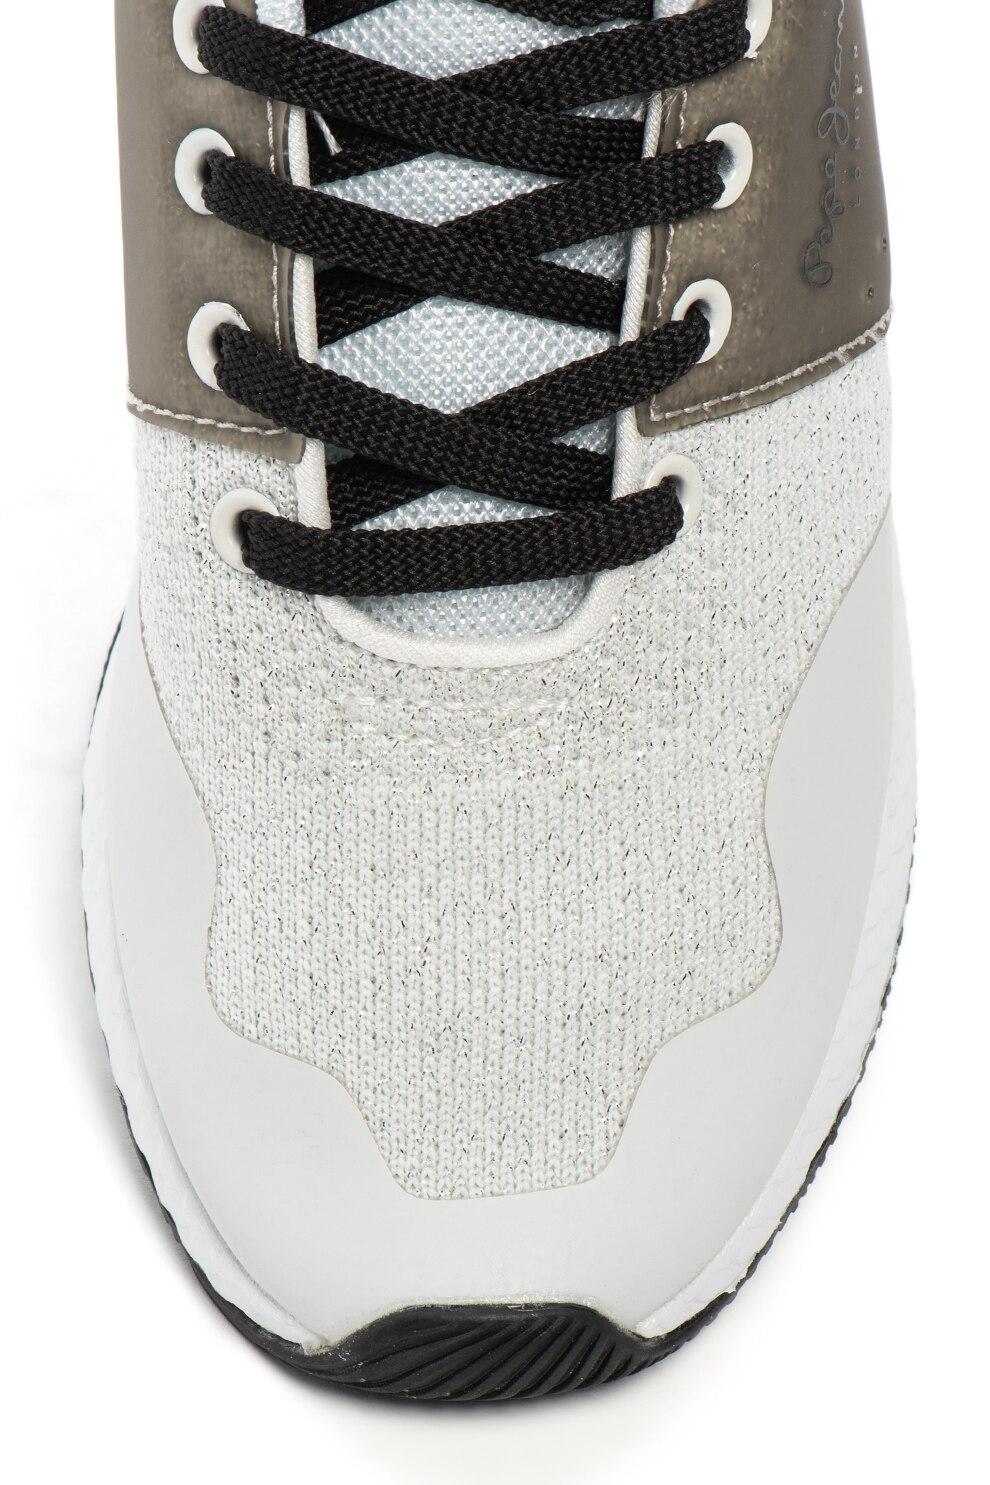 Pepe Jeans London, Koko Sand kötött sneakers cipő fémes betétekkel, Fehér, 41